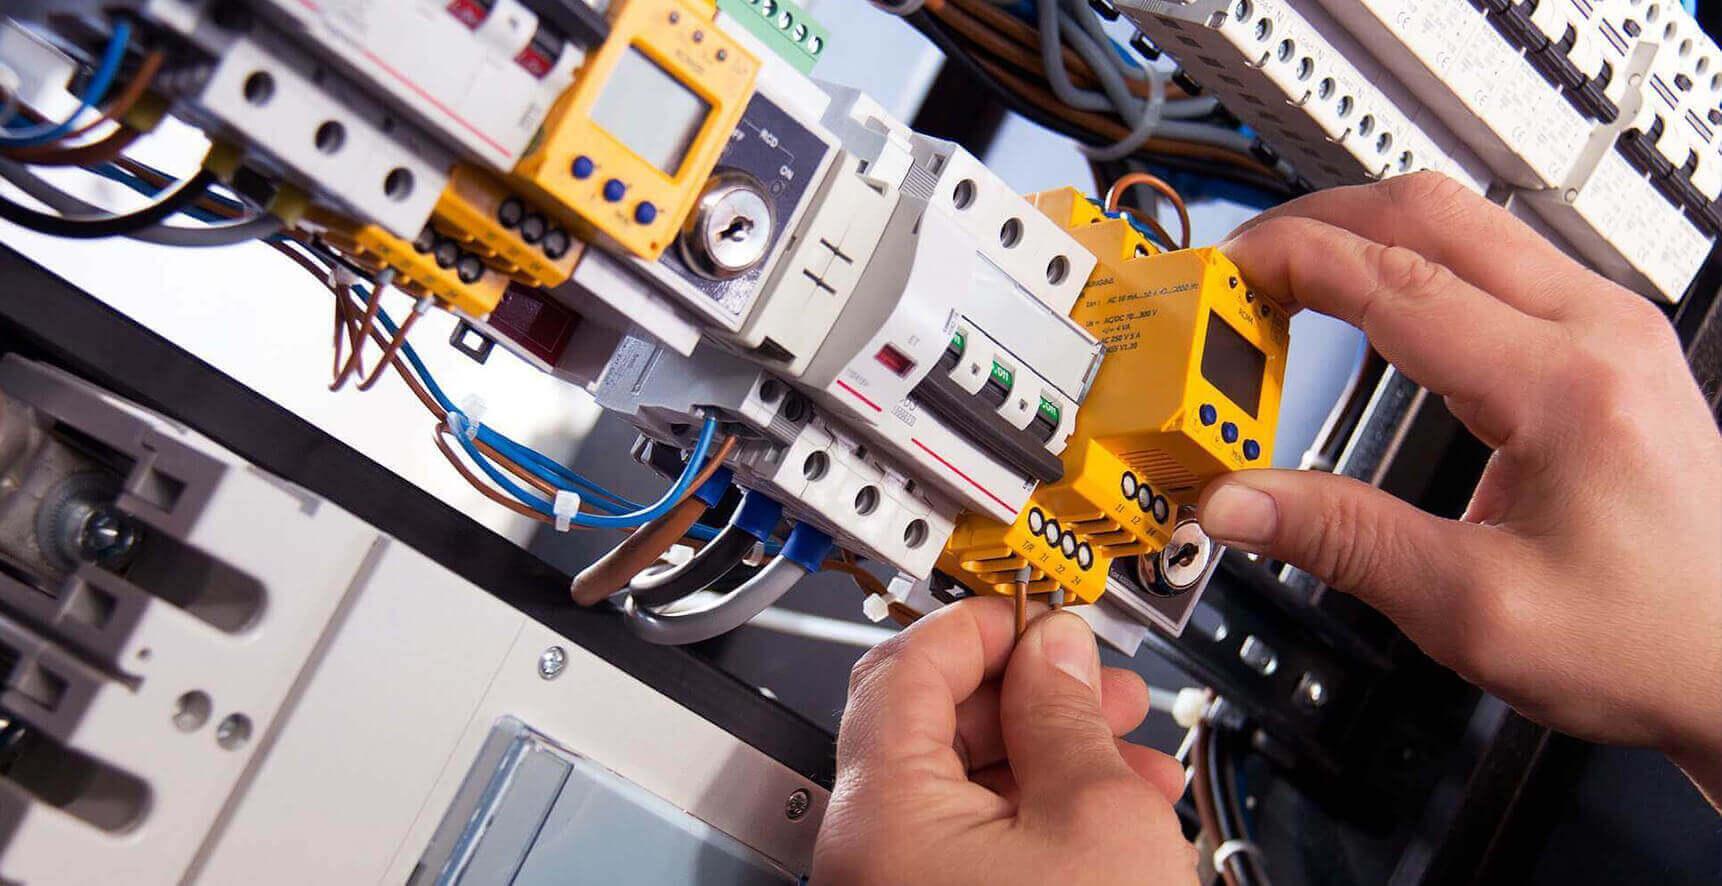 ηλεκτρολογικες εργασιες στα χανια - ηλεκτρολογικες εγκταταστασεις - Electrotech